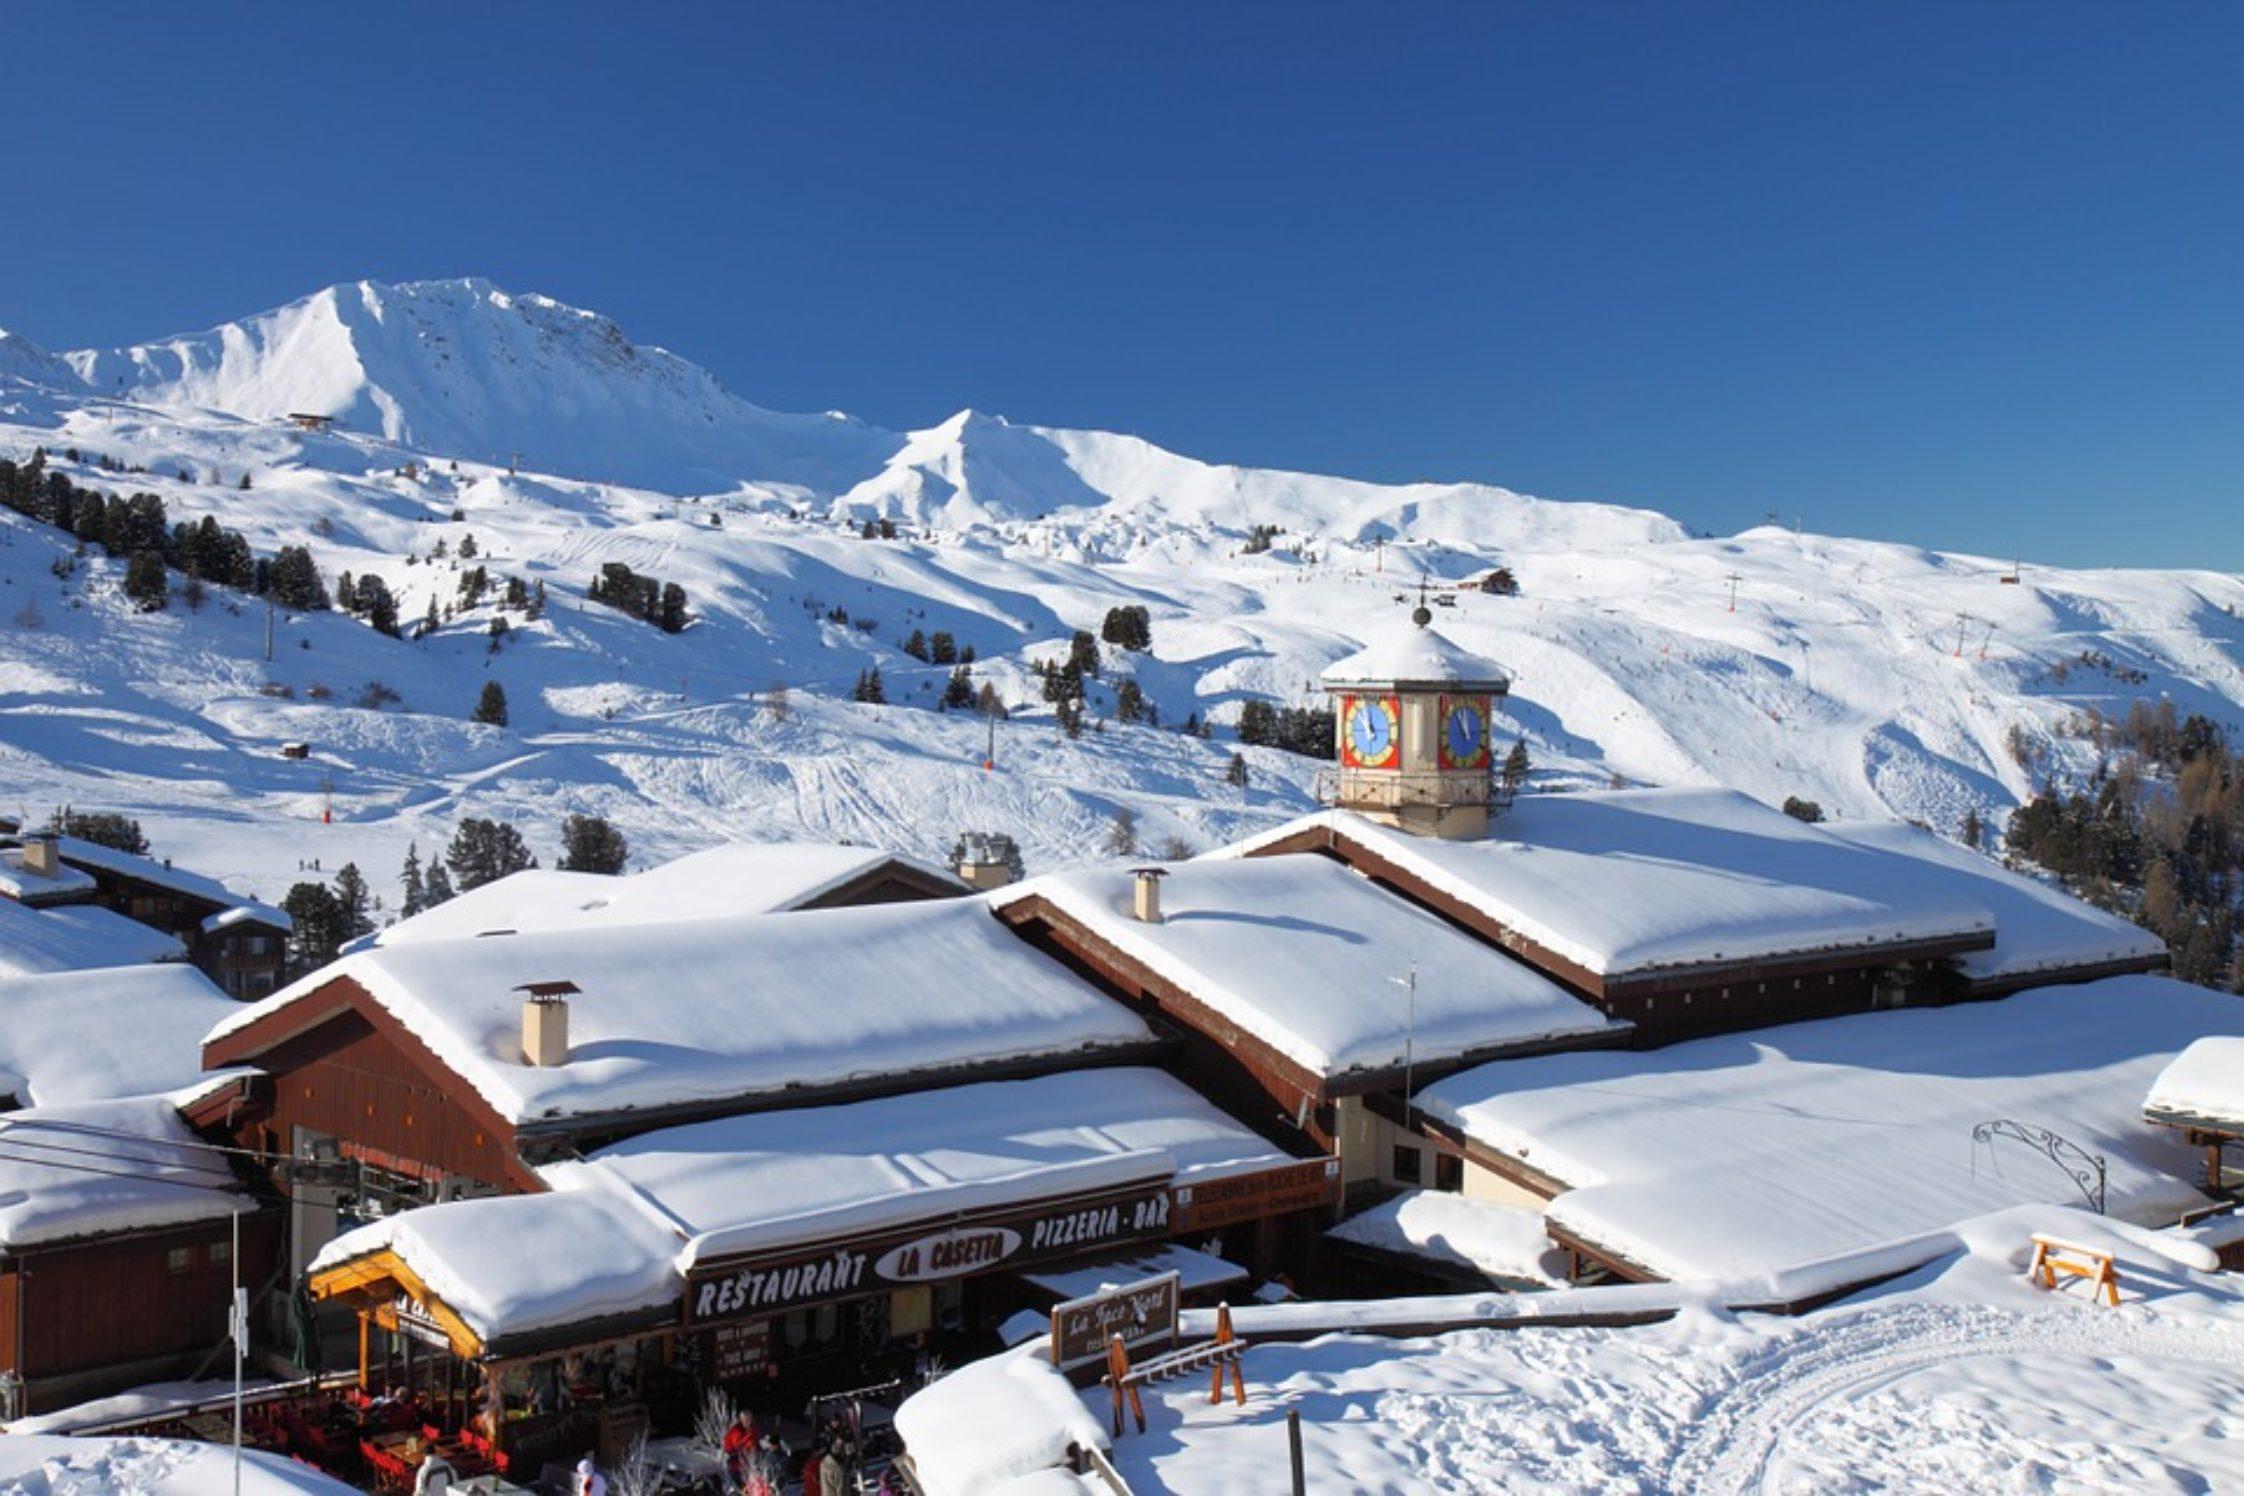 vacances au ski pas cher Vacances au ski à Avoriaz : des astuces pour payer moins cher